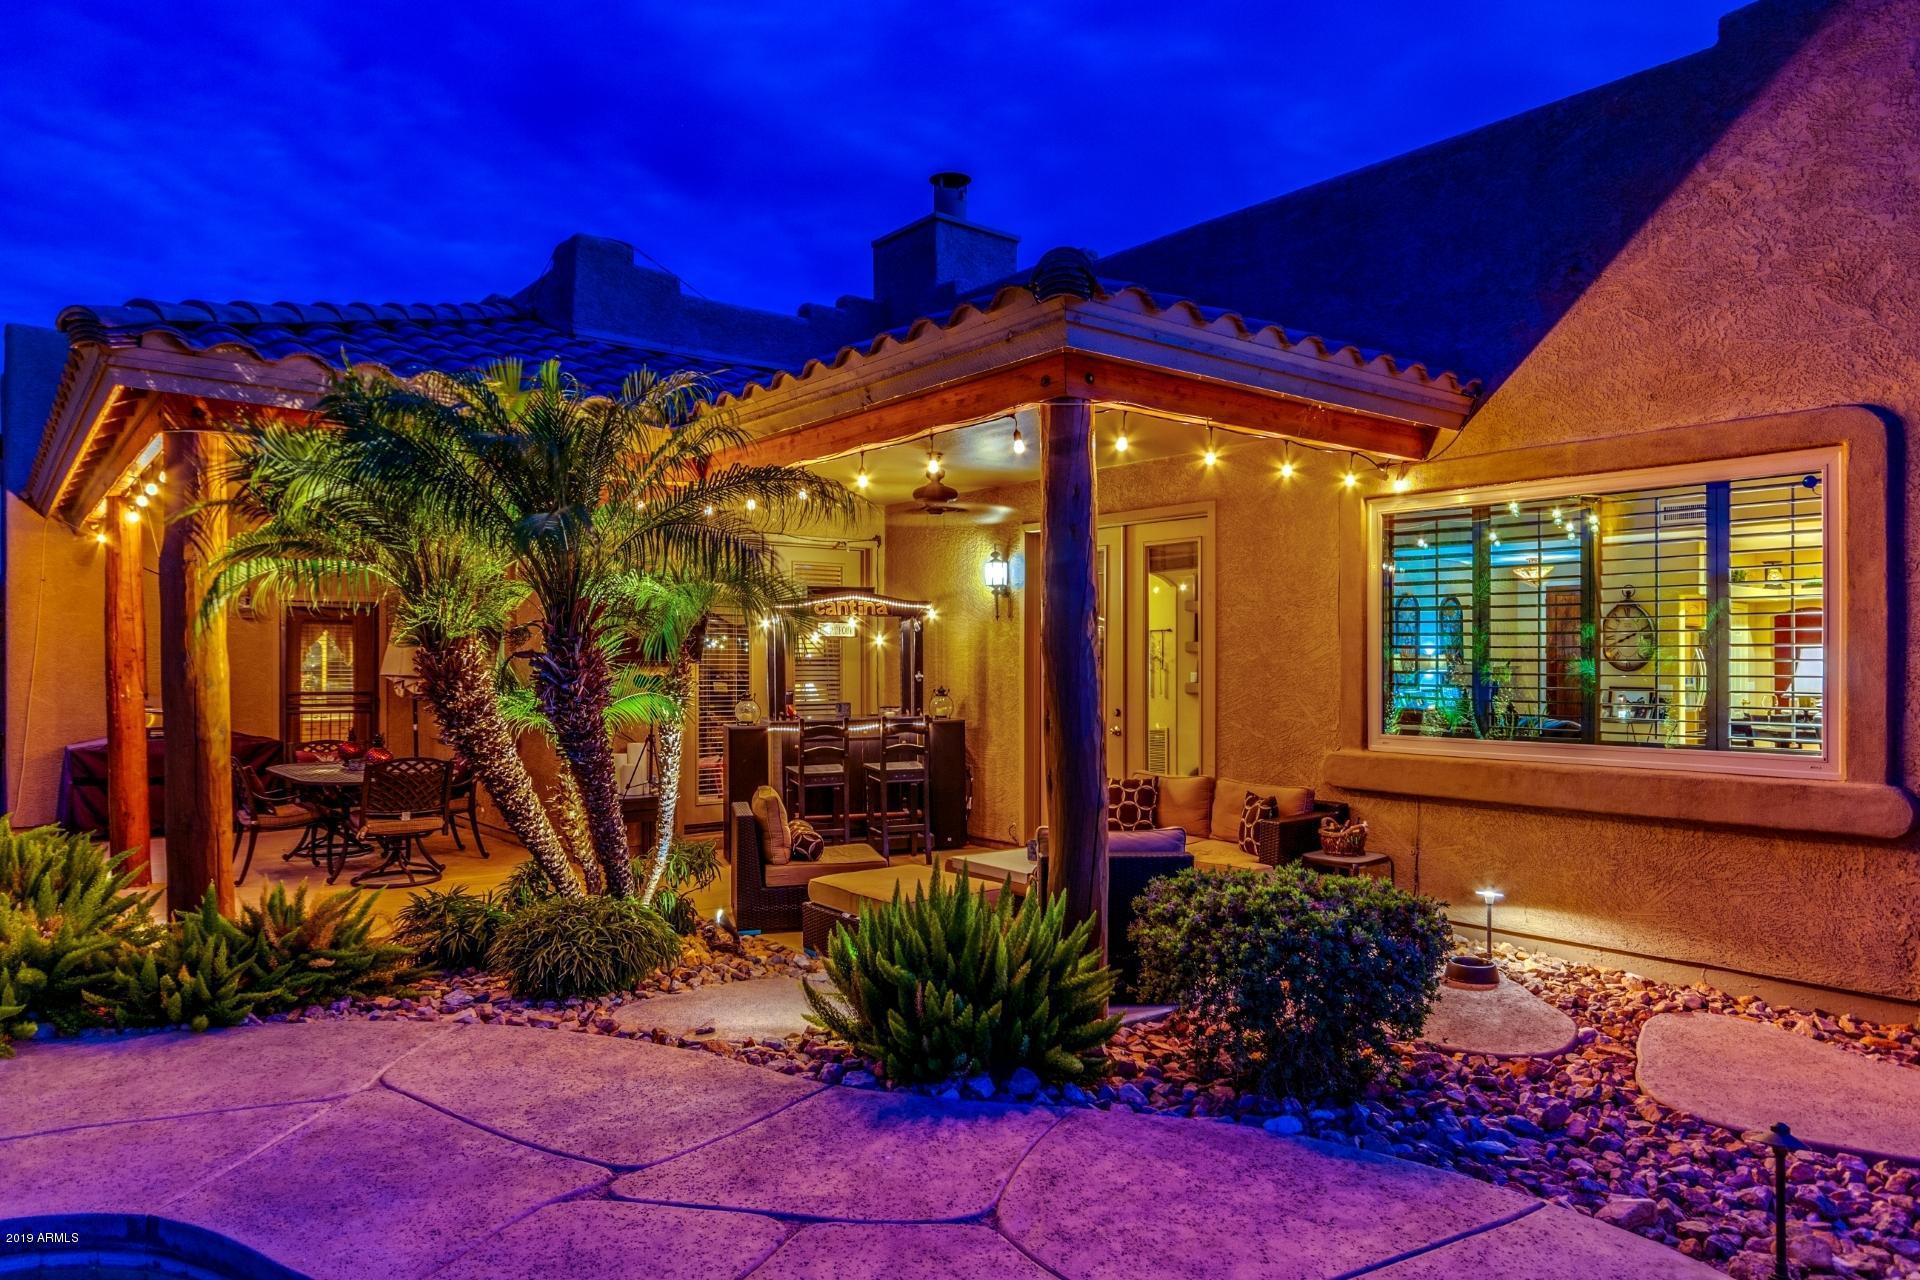 MLS 5952487 4738 S STRIKE IT RICH Drive, Gold Canyon, AZ 85118 Gold Canyon AZ Condo or Townhome